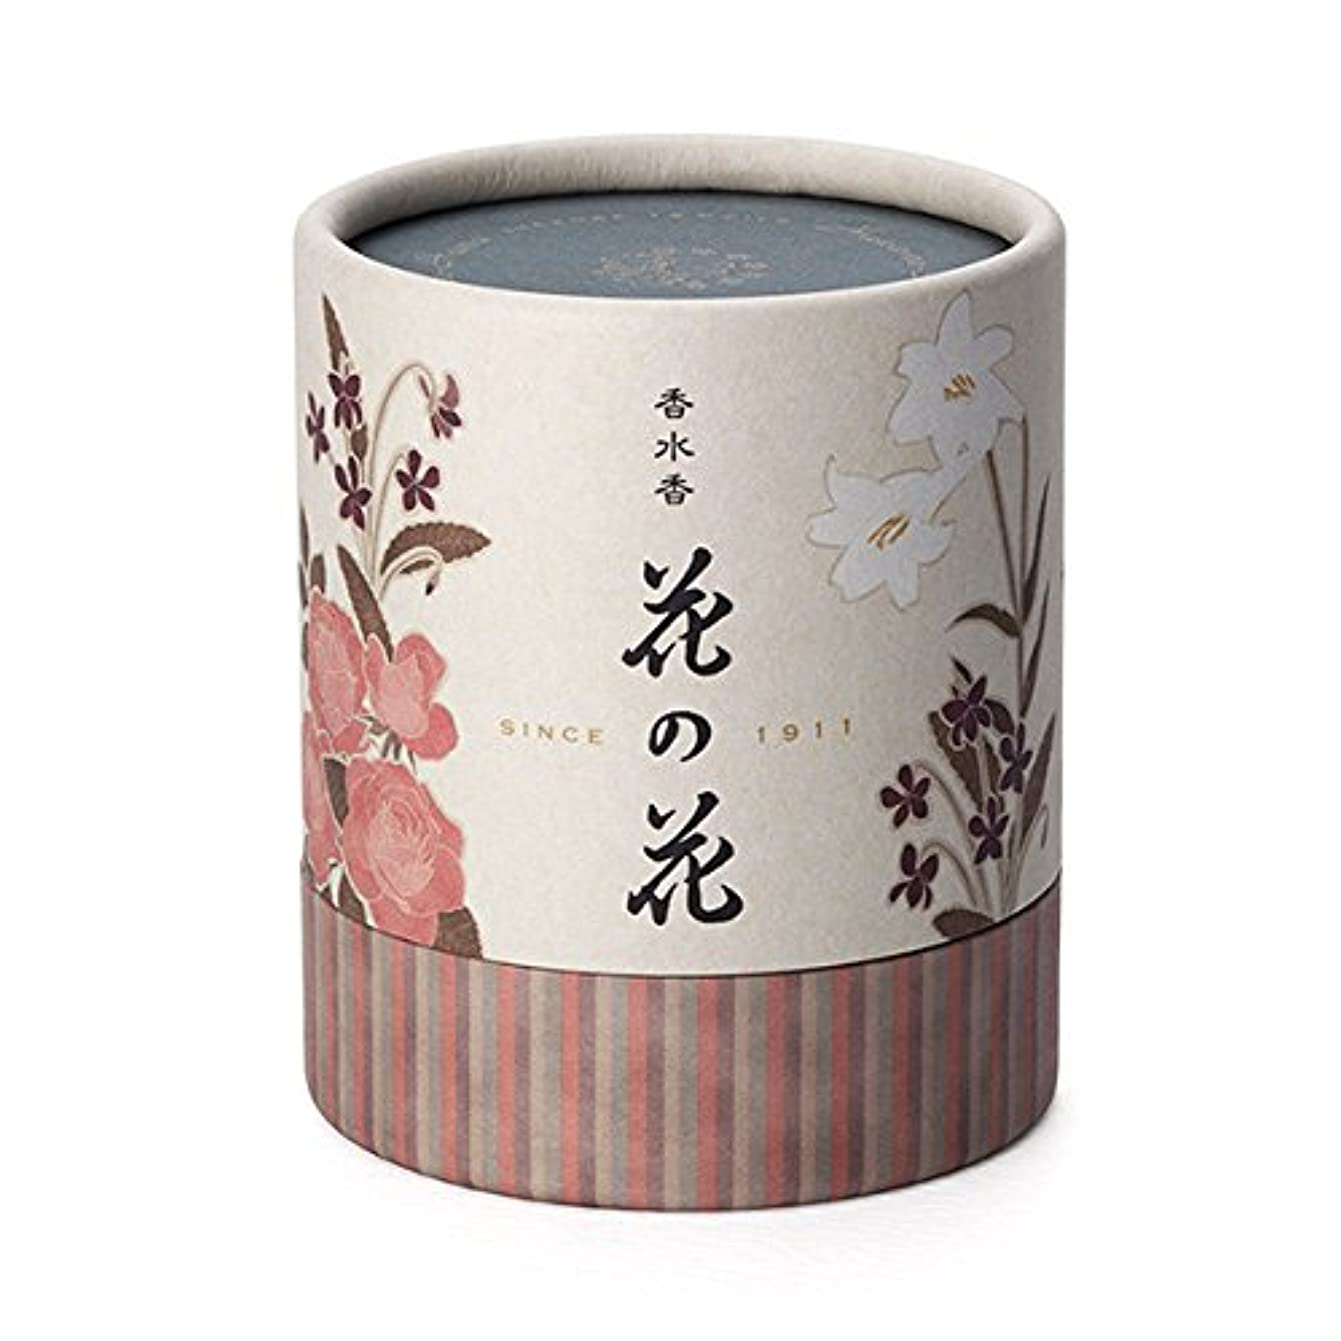 露出度の高い暫定穴日本香堂 香水香 花の花 3種入 うず巻12巻入 香立付( 30003)